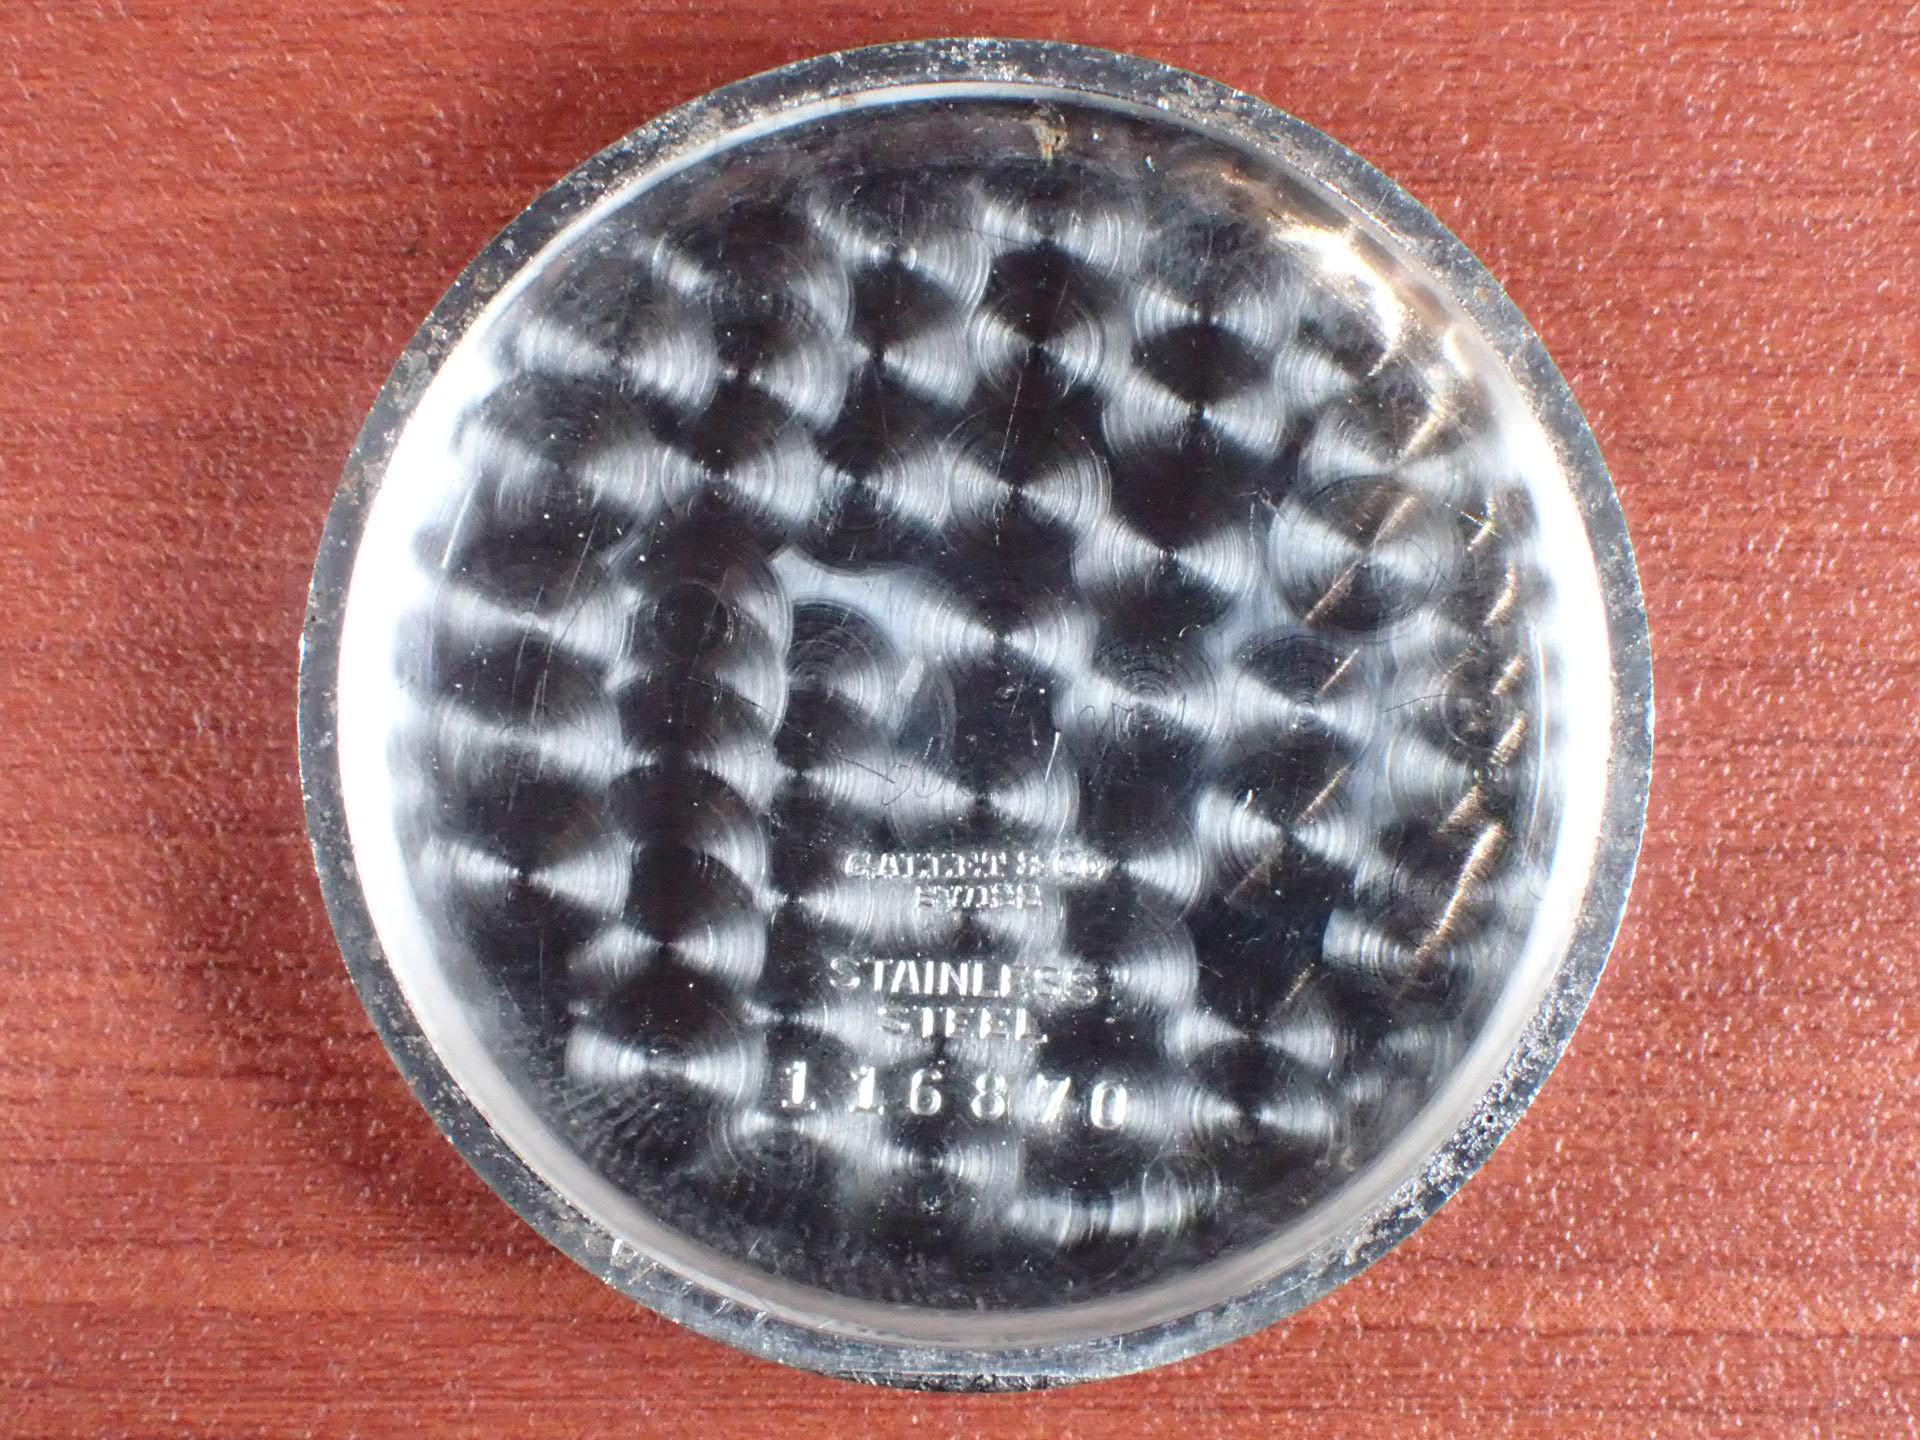 ギャレット クロノグラフ Cal.Venus150 ホワイトダイアル 1940年代の写真6枚目